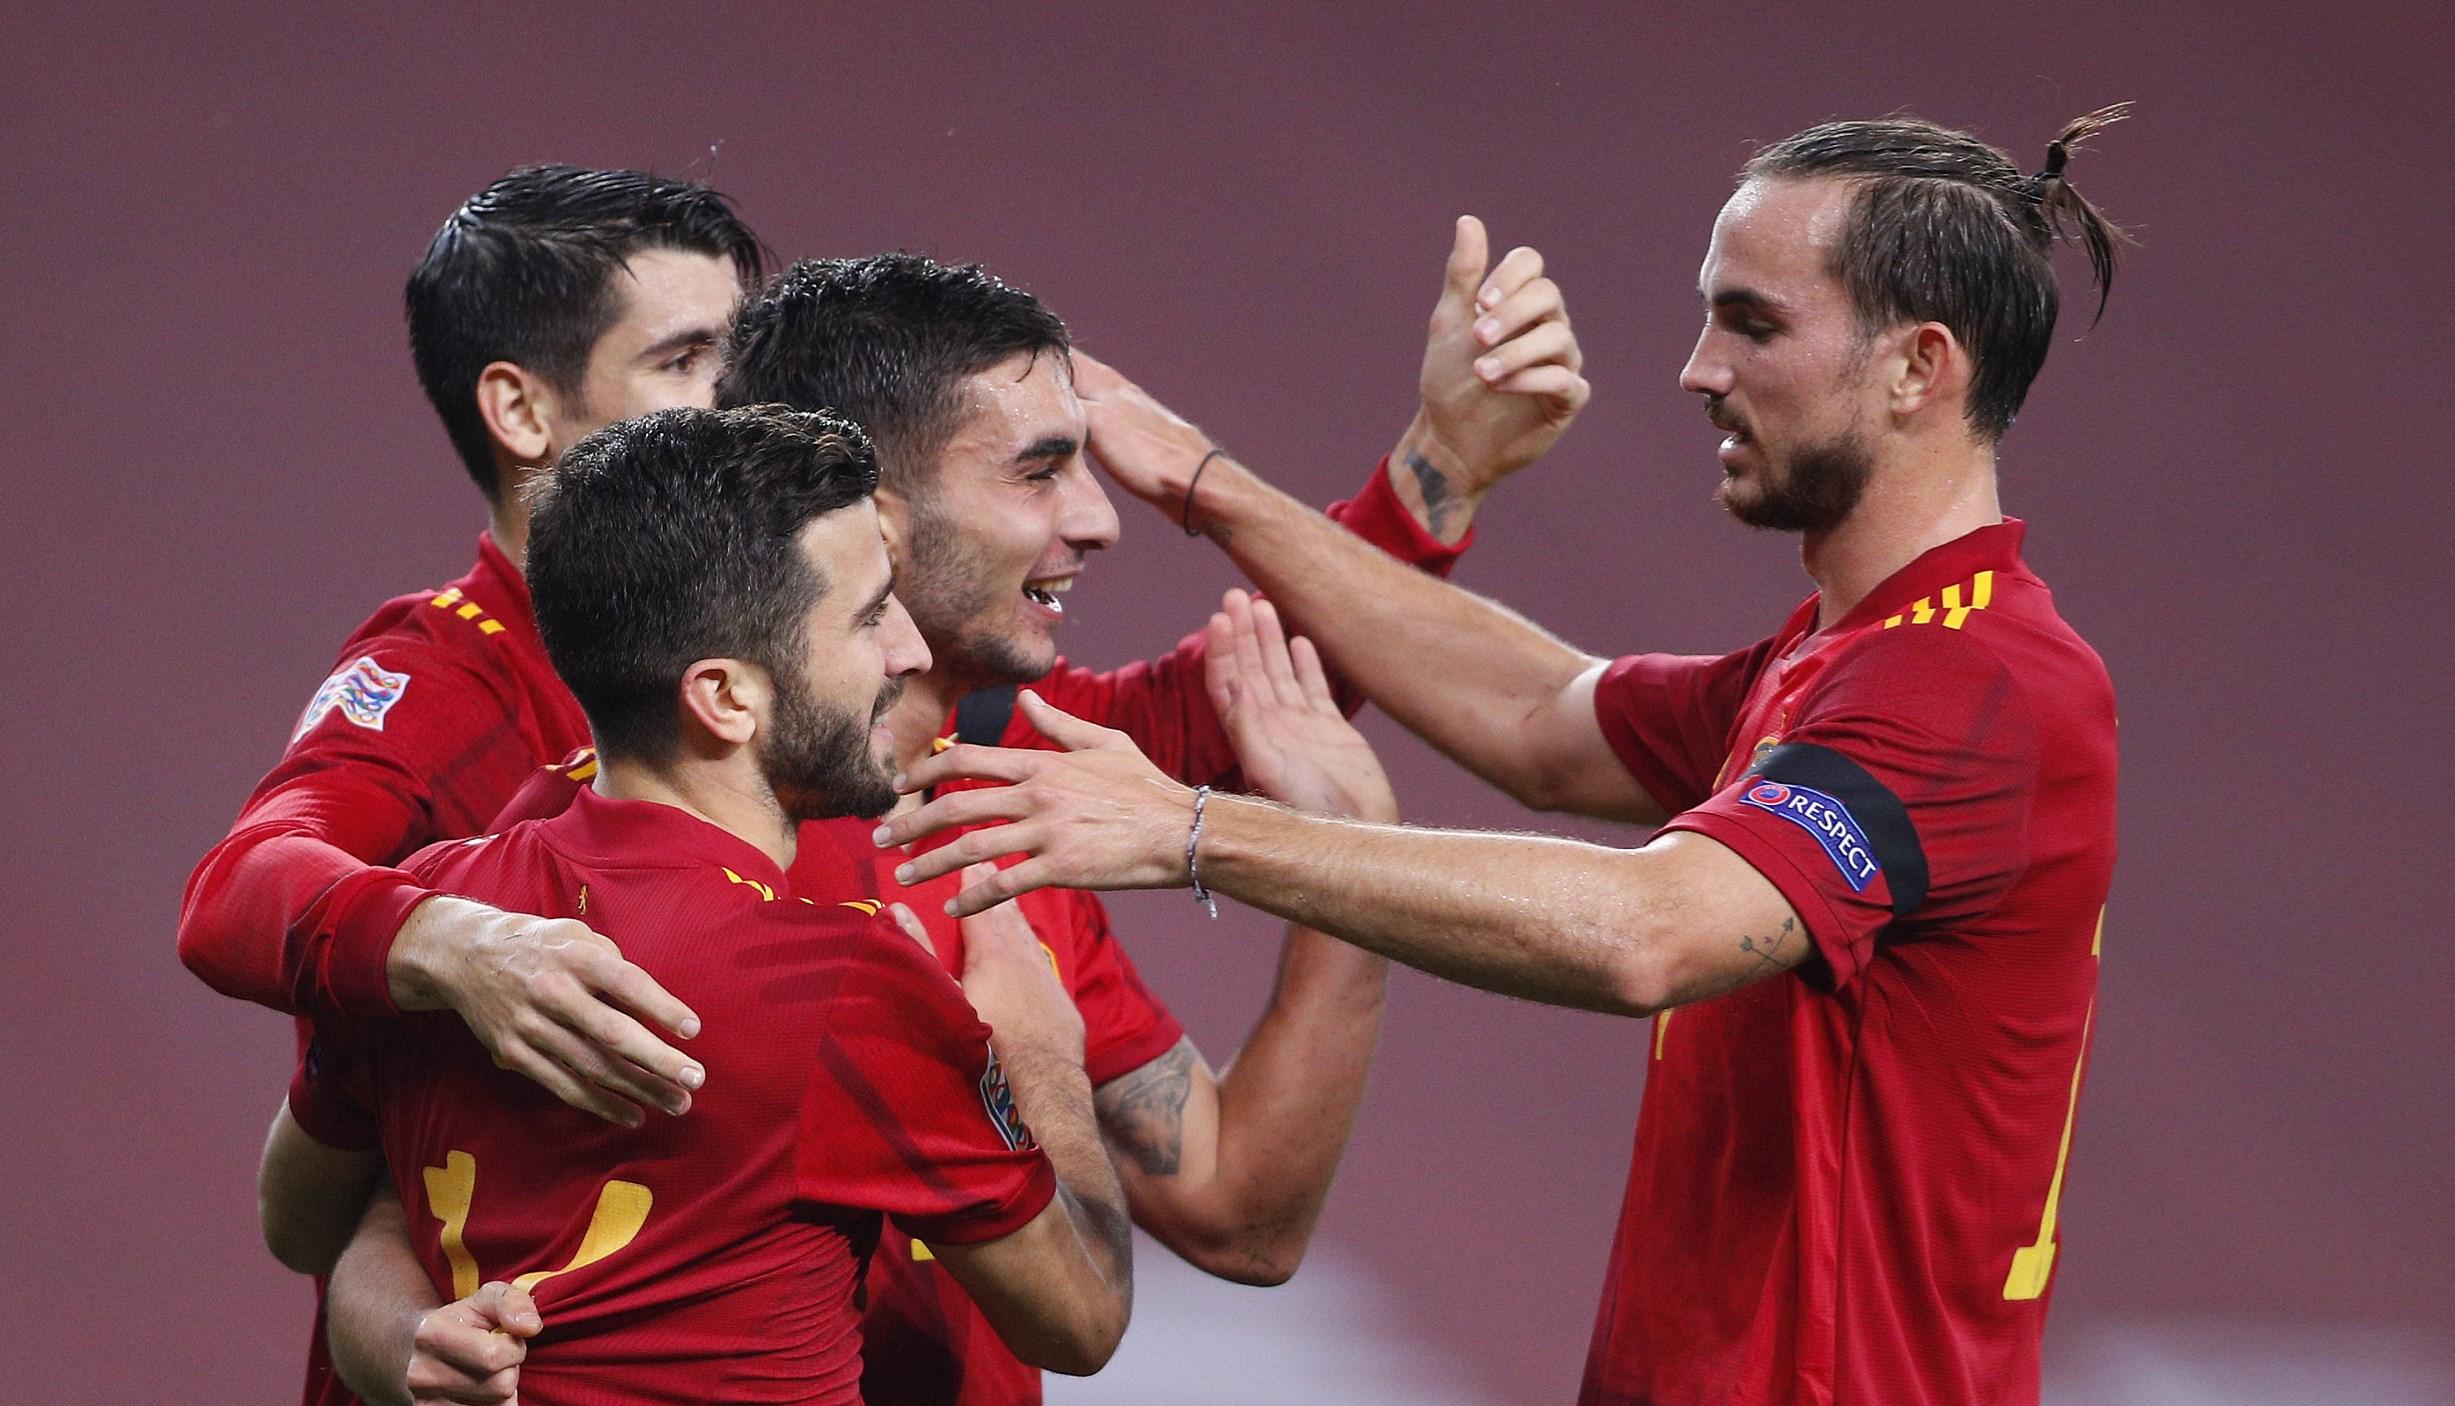 إسبانيا الحالية تختلف عن إسبانيا الجيل الذهبي